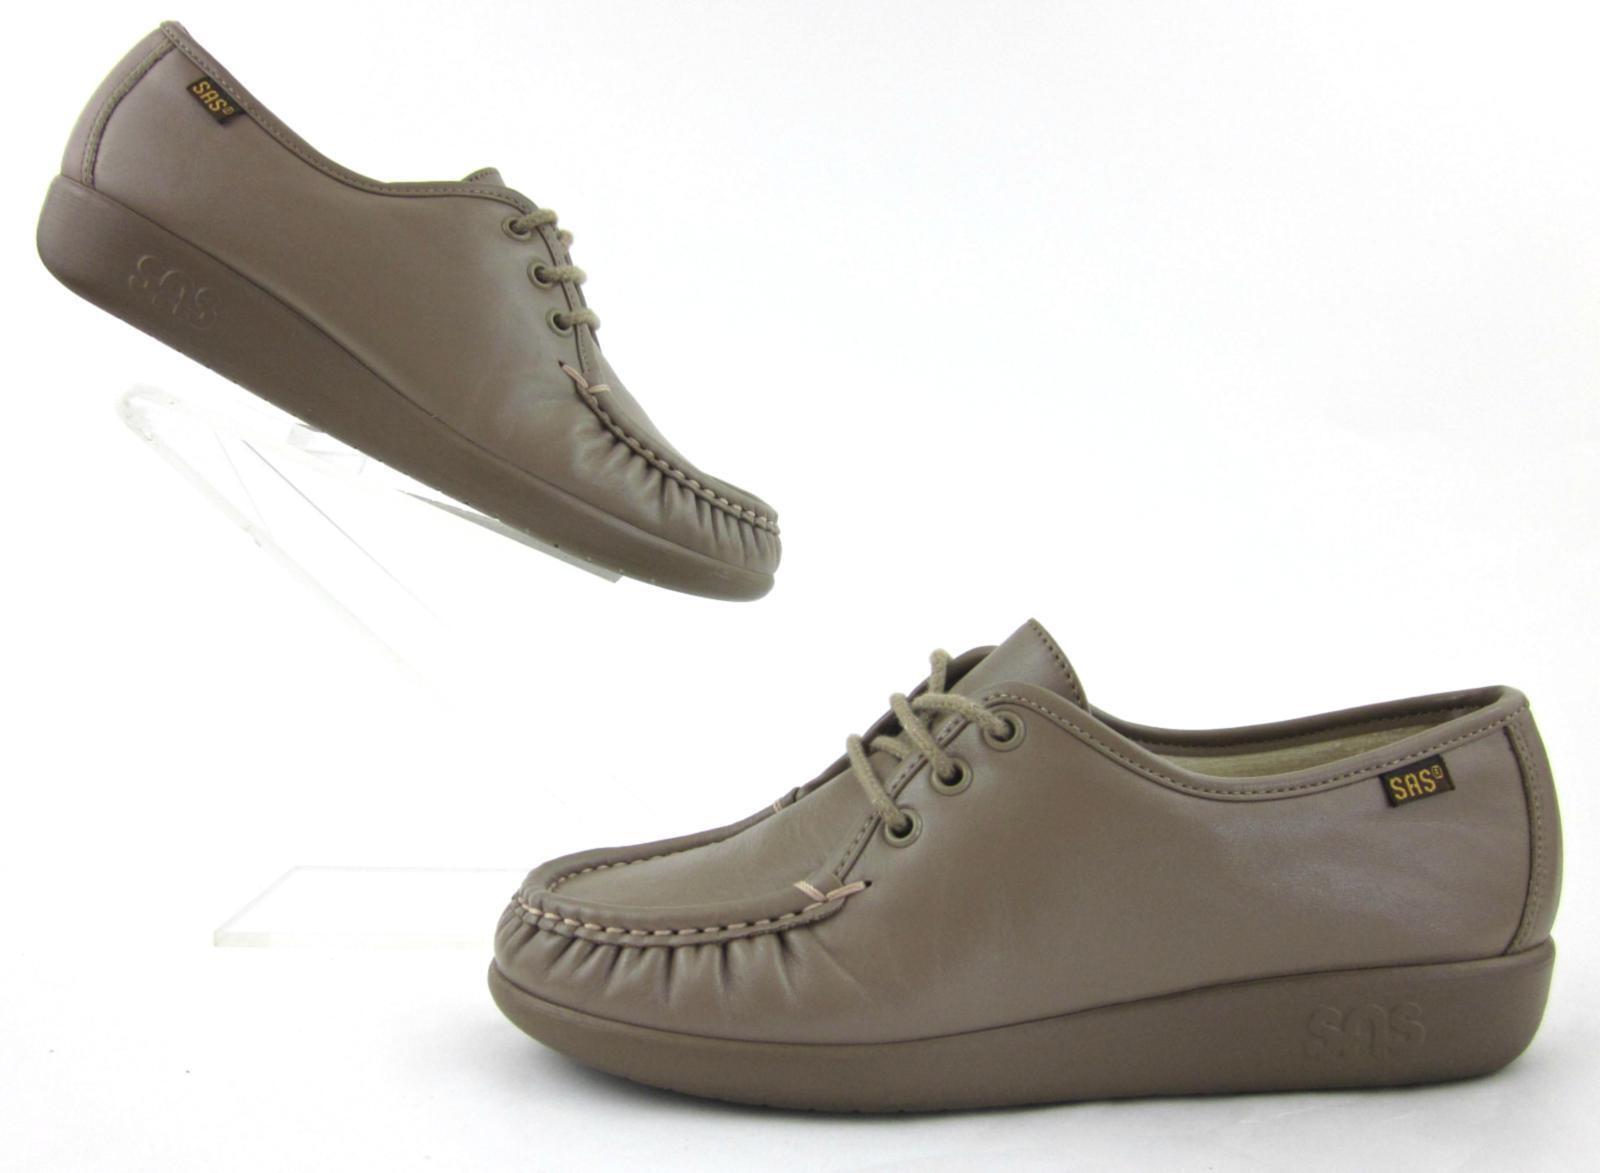 Servicio Aéreo Especial  siesta  Con Cordones Comodidad Zapatos Moca Cuero Estados Unidos 6.5M usado una vez